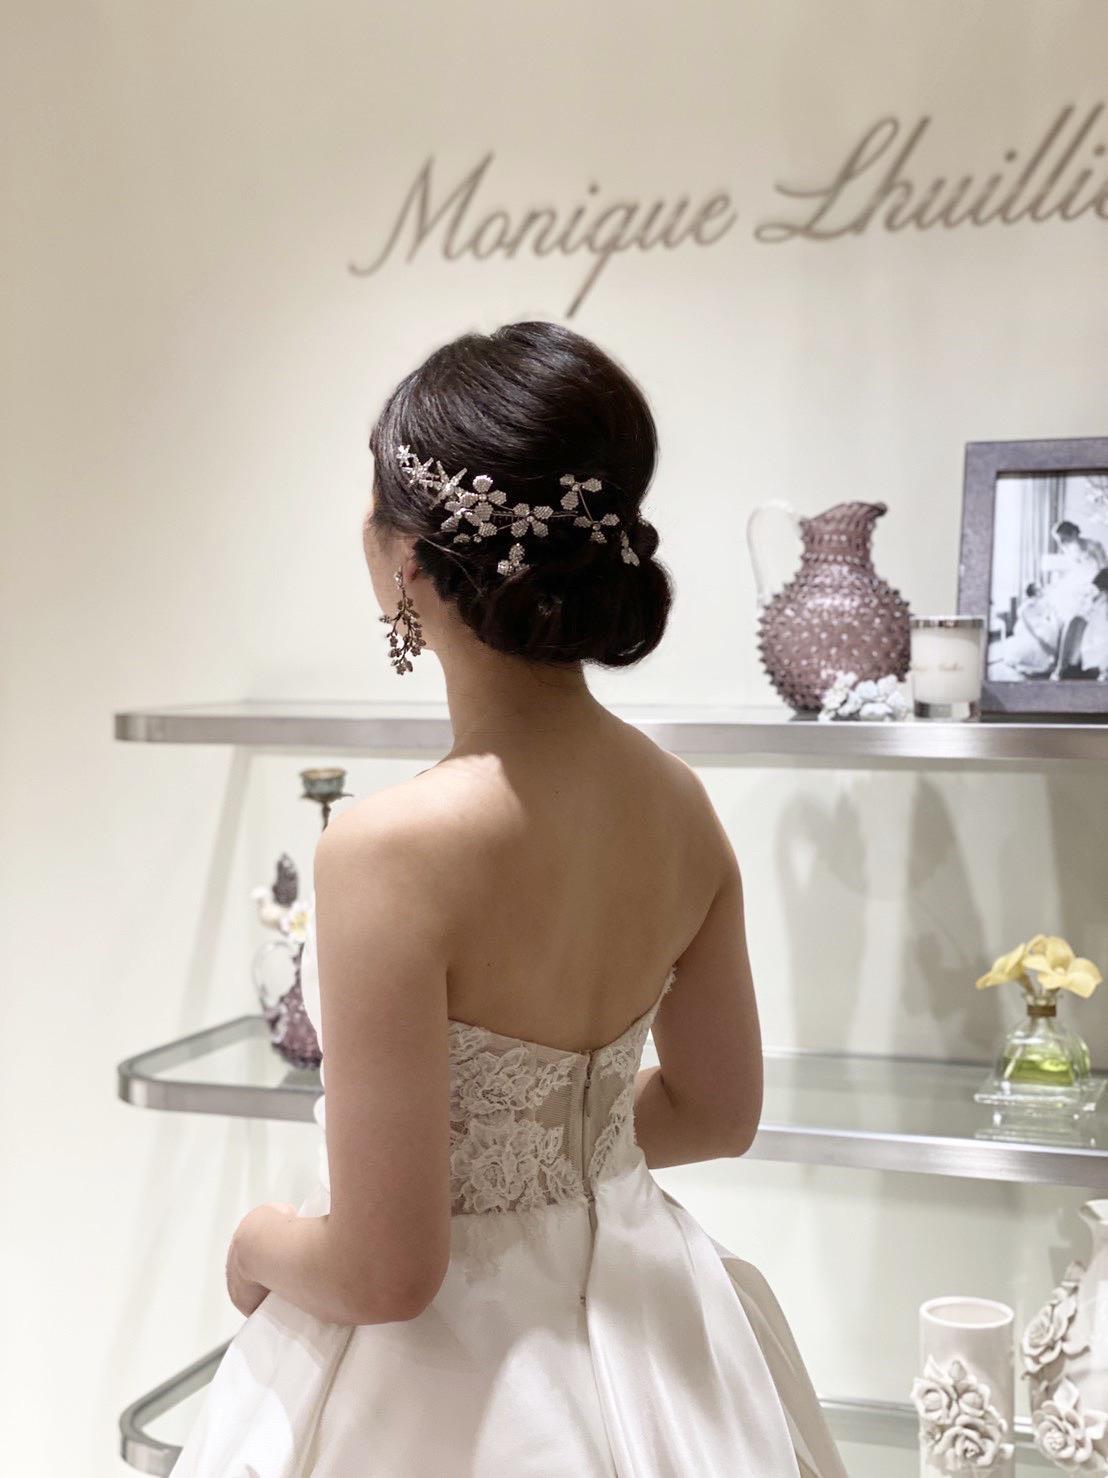 元なでしこジャパン代表の丸山桂里奈さんに結婚記者会見にてご着用いただいたウェディングドレス。マイナビウェディングのステージでもご着用頂きました。